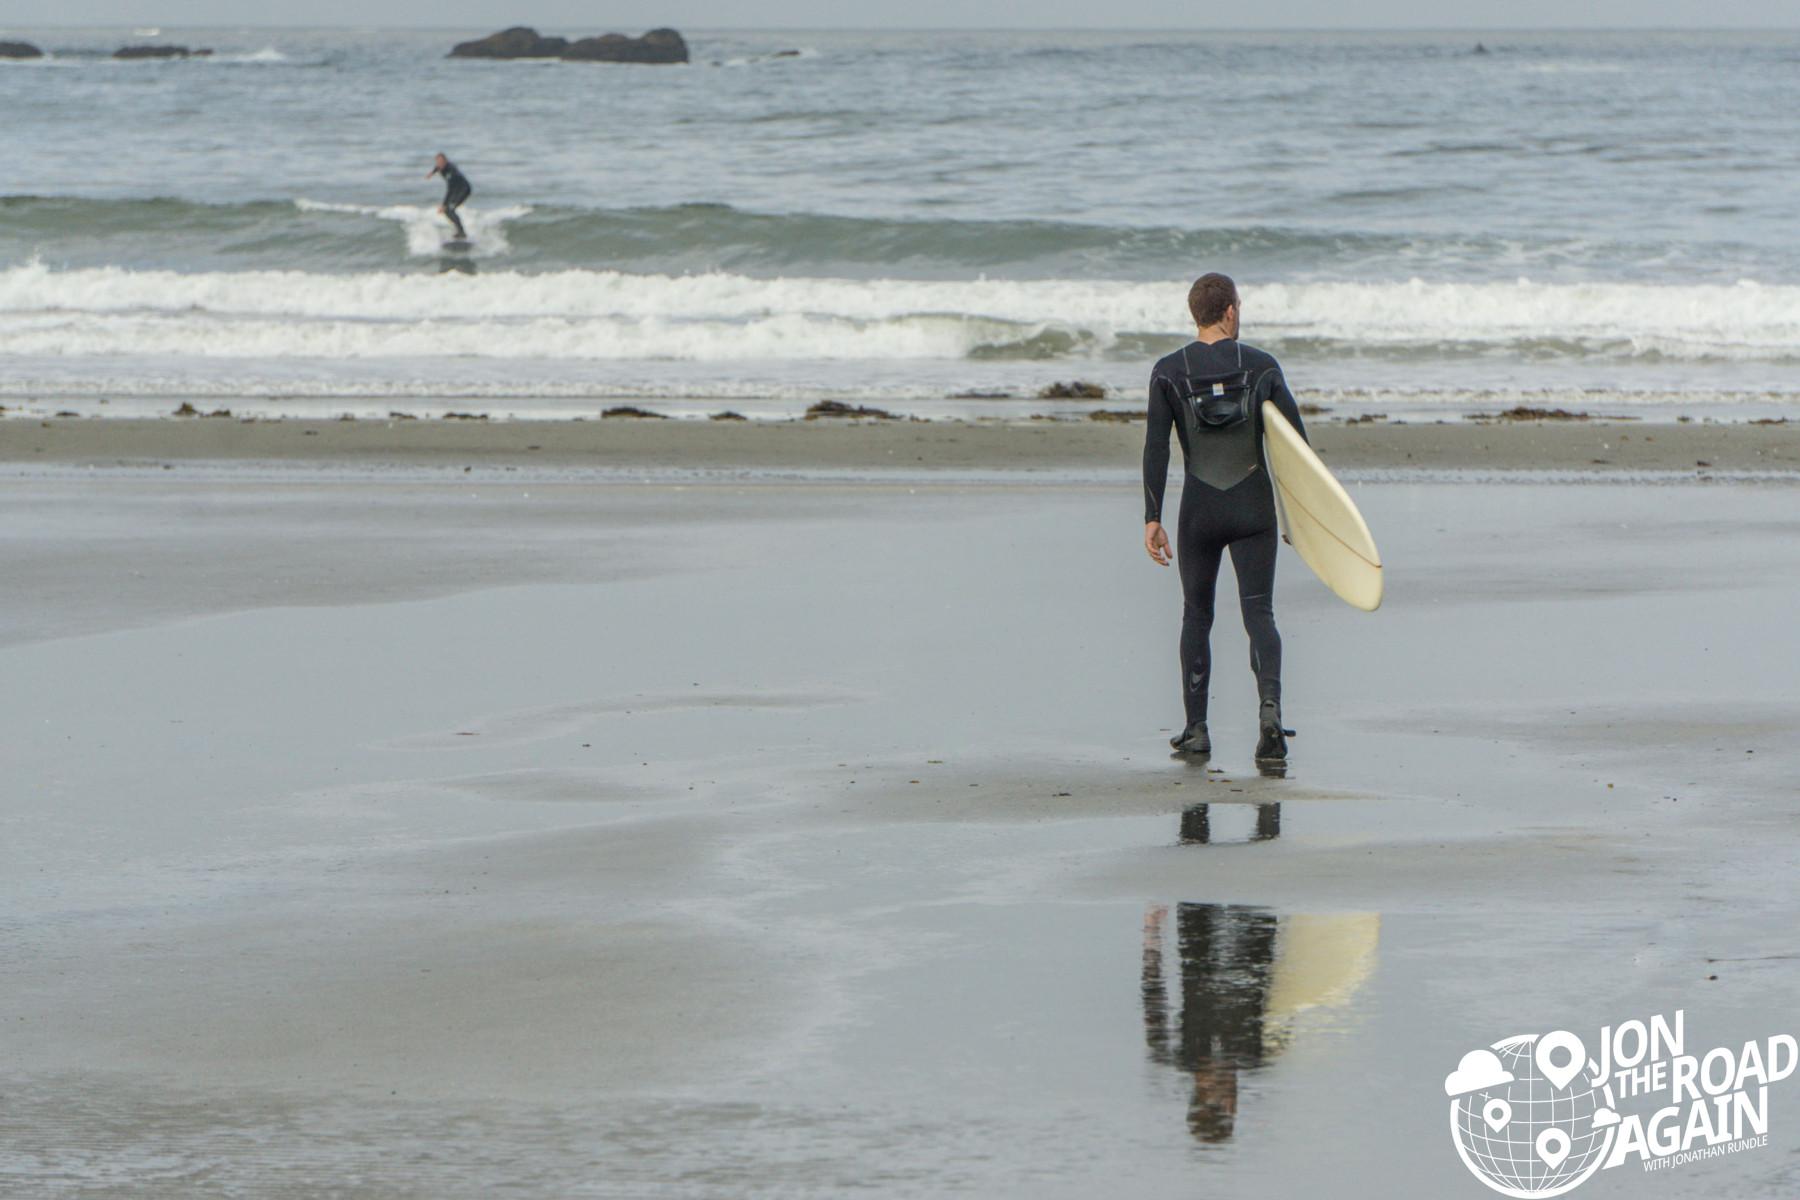 Hobuck beach surfer